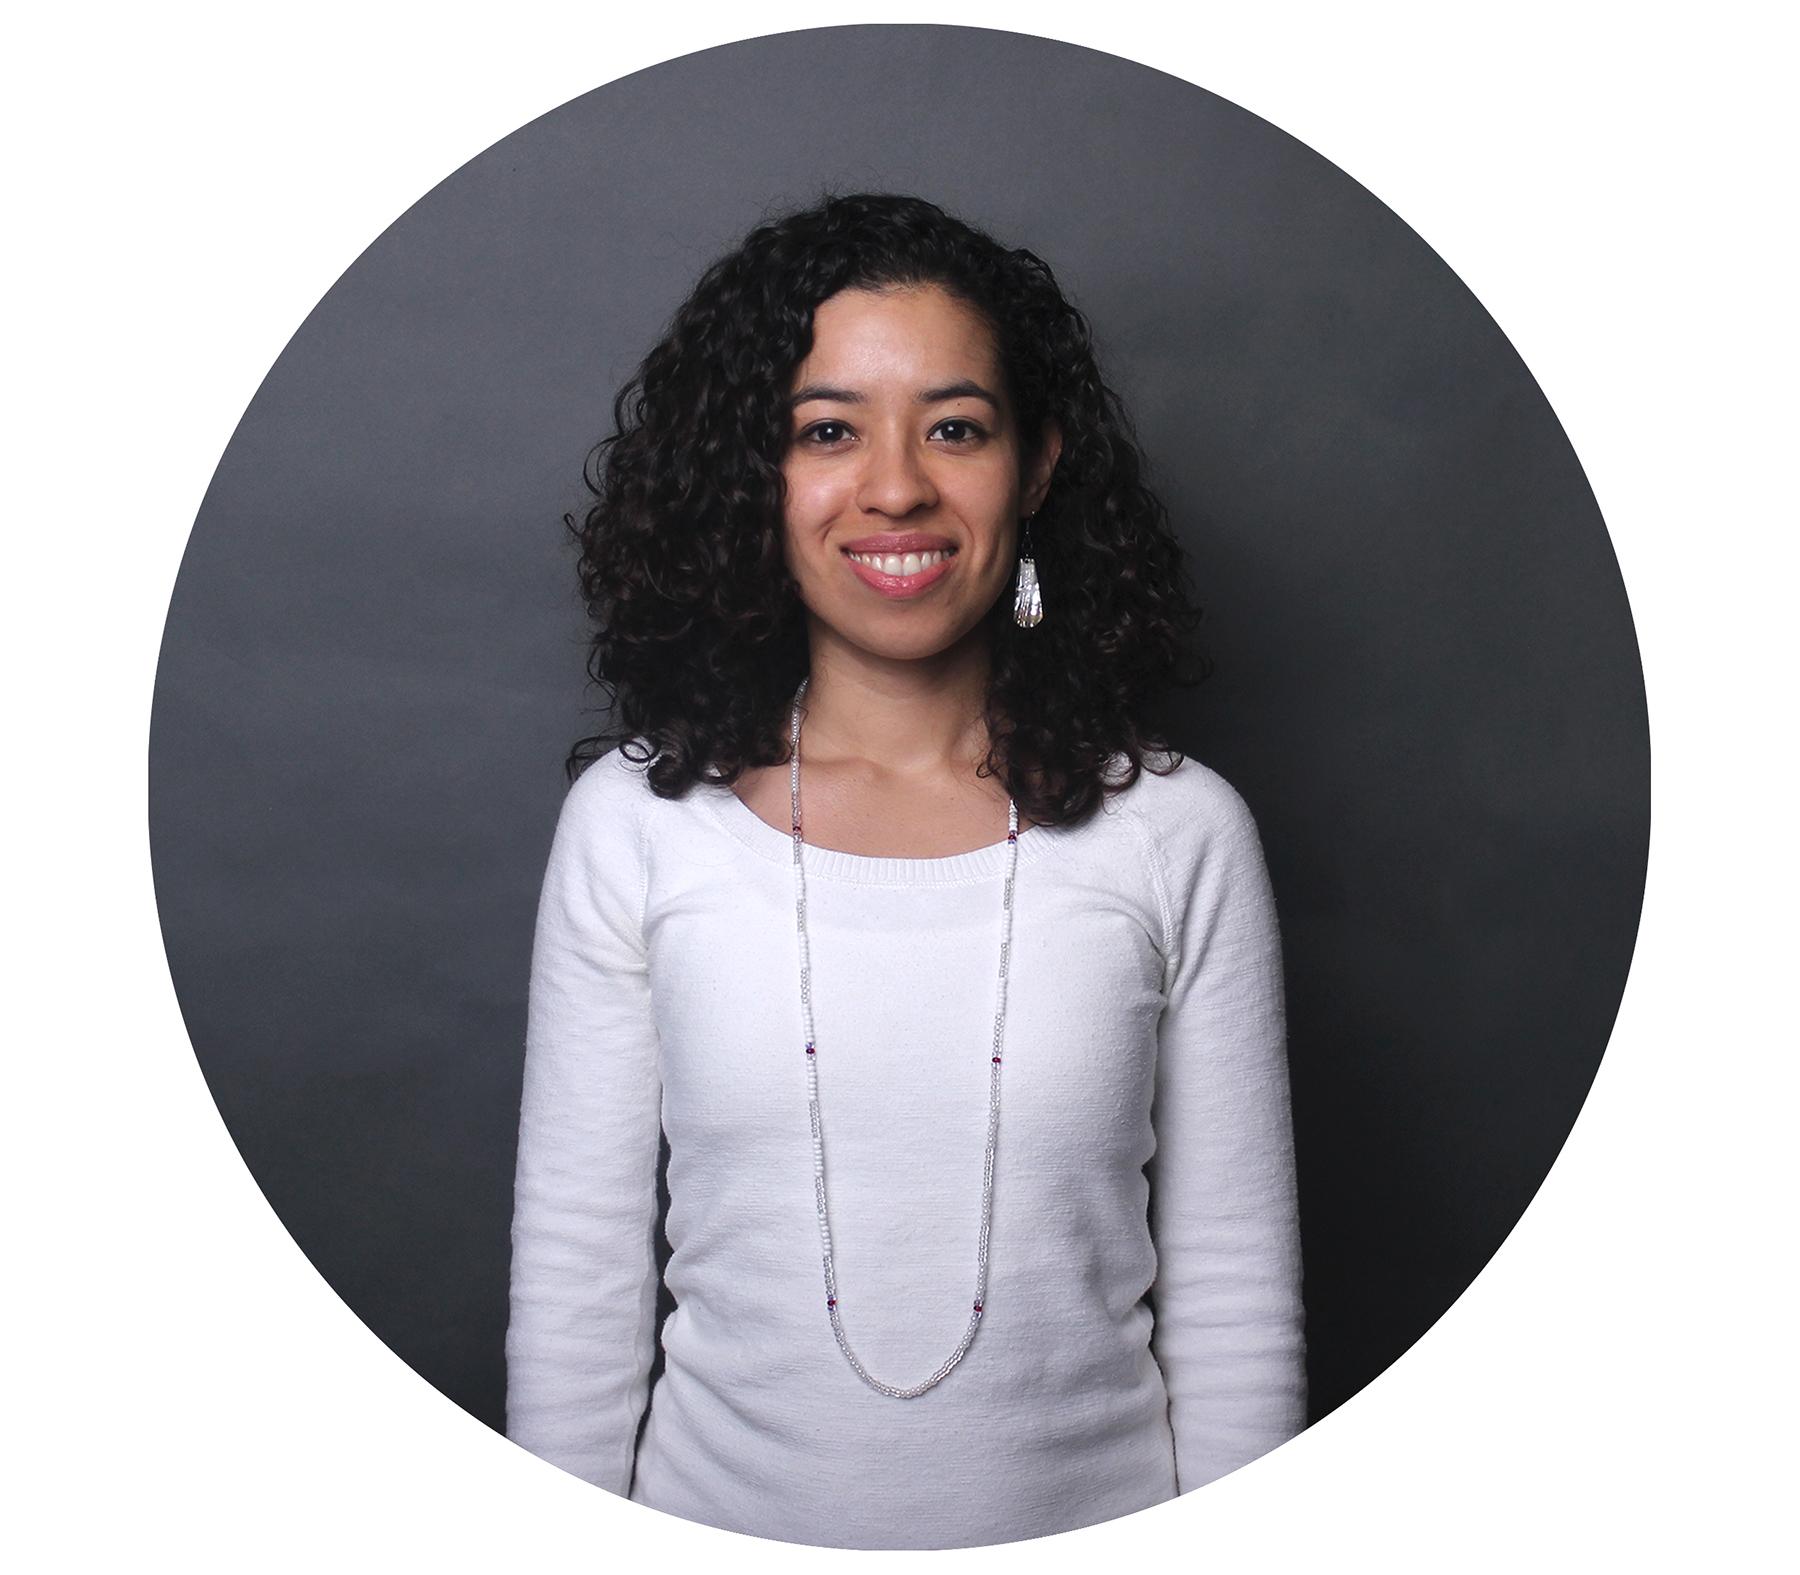 JACQUELINE MUNGUIA - YOLA at HOLA Program Manager